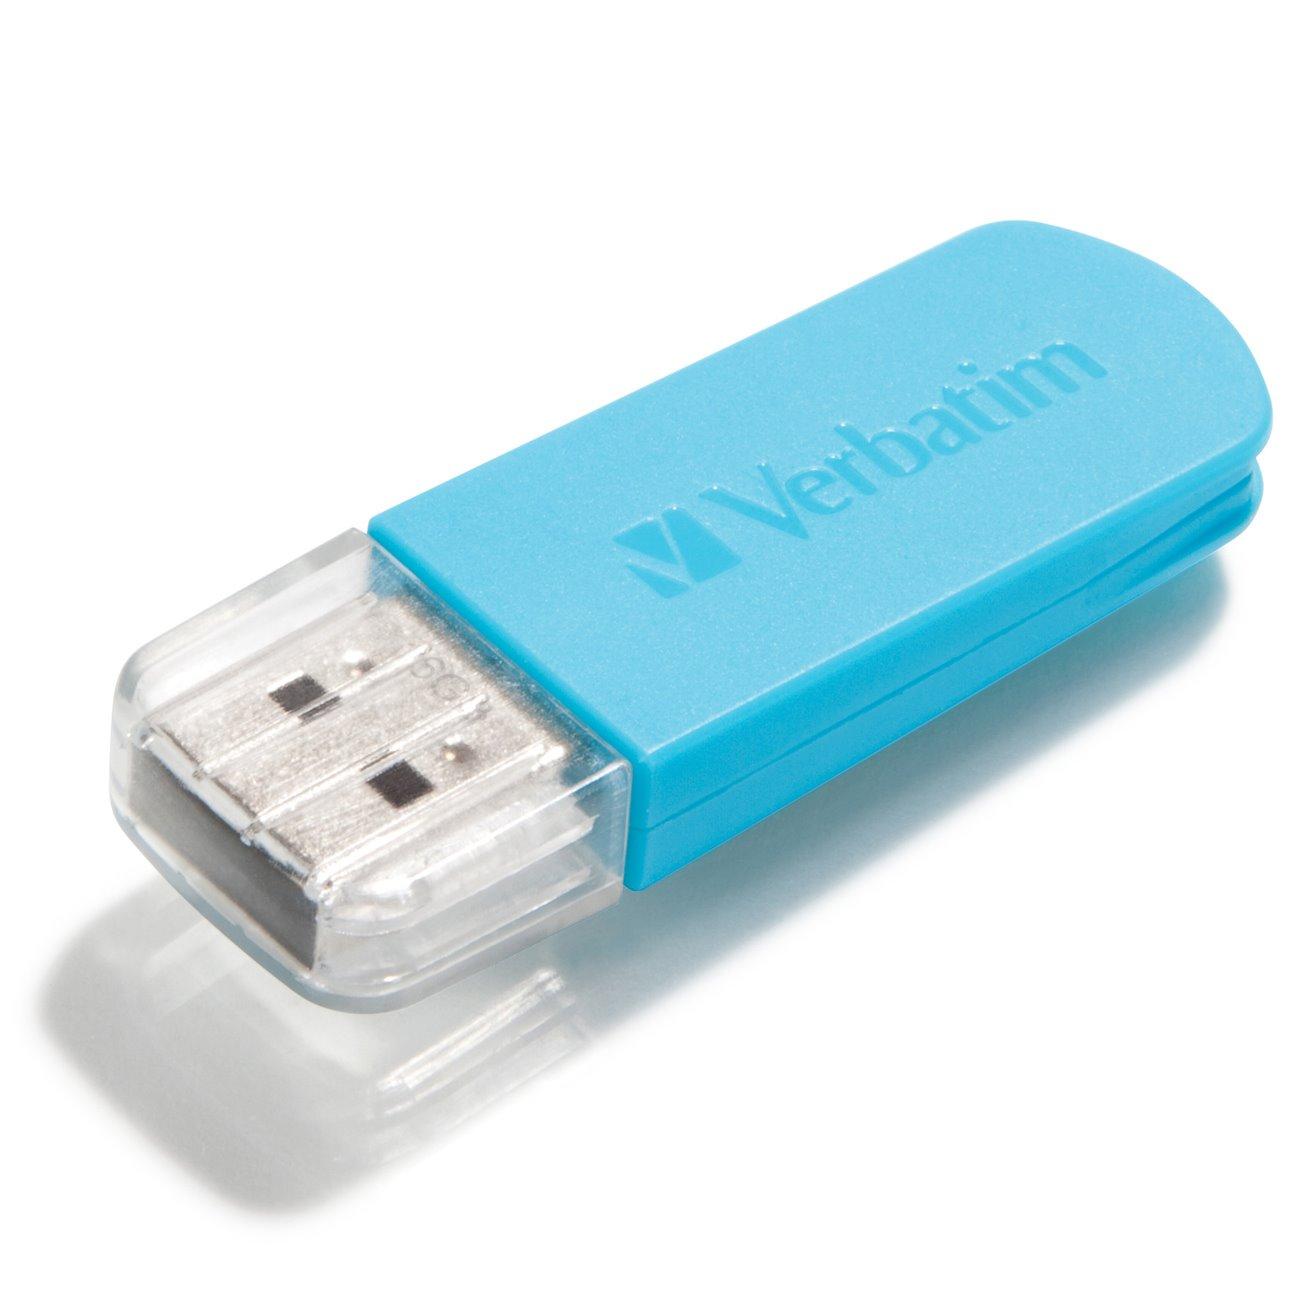 Verbatim Store 'n' Go Mini 16 GB USB 2.0 Flash Drive - Caribbean Blue